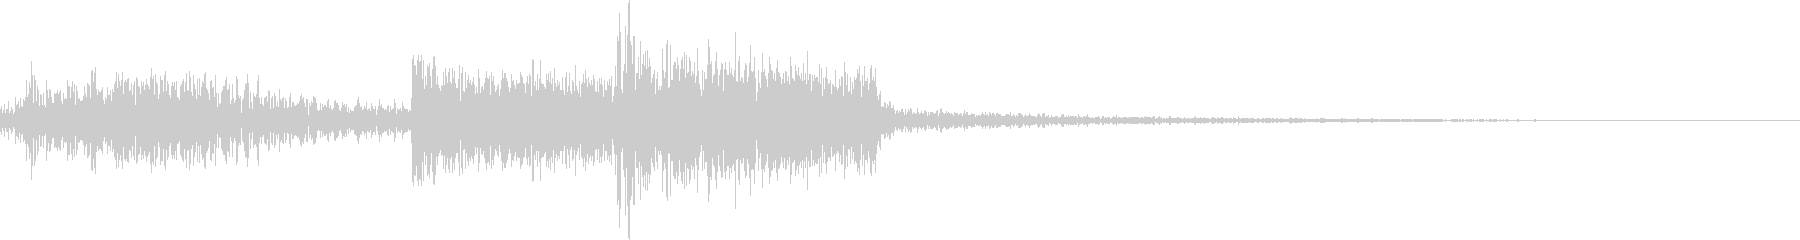 弦楽器の刺しゅうロゴの未再生の波形